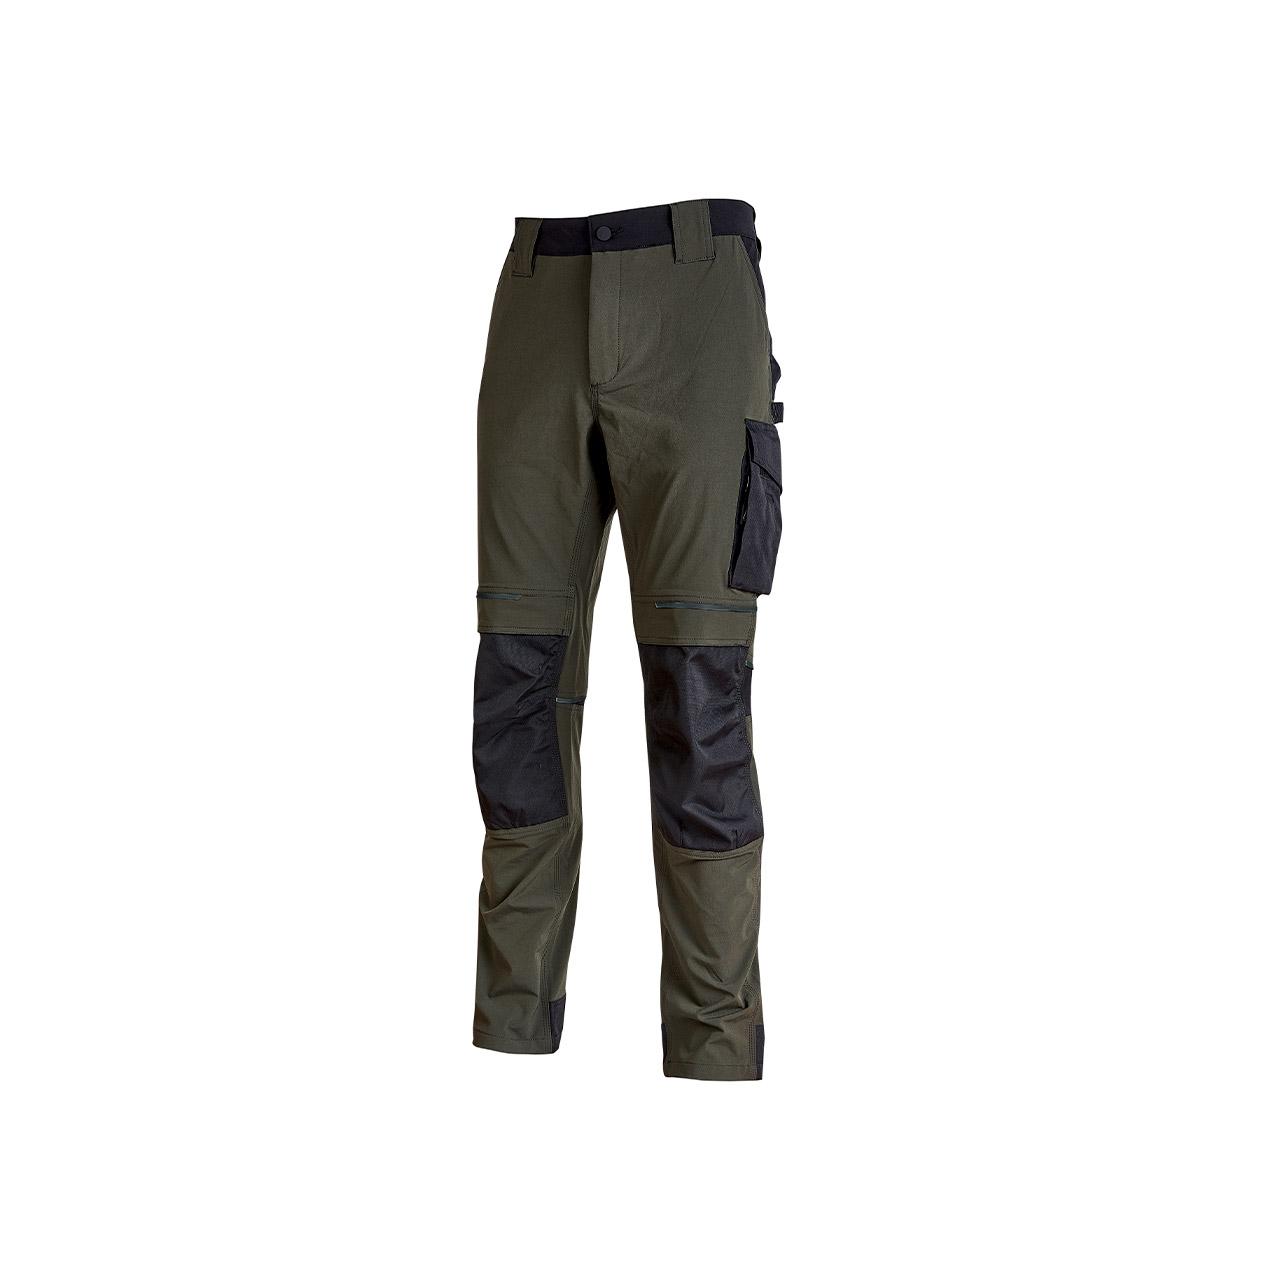 pantalone da lavoro upower modello atom colore dark green prodotto